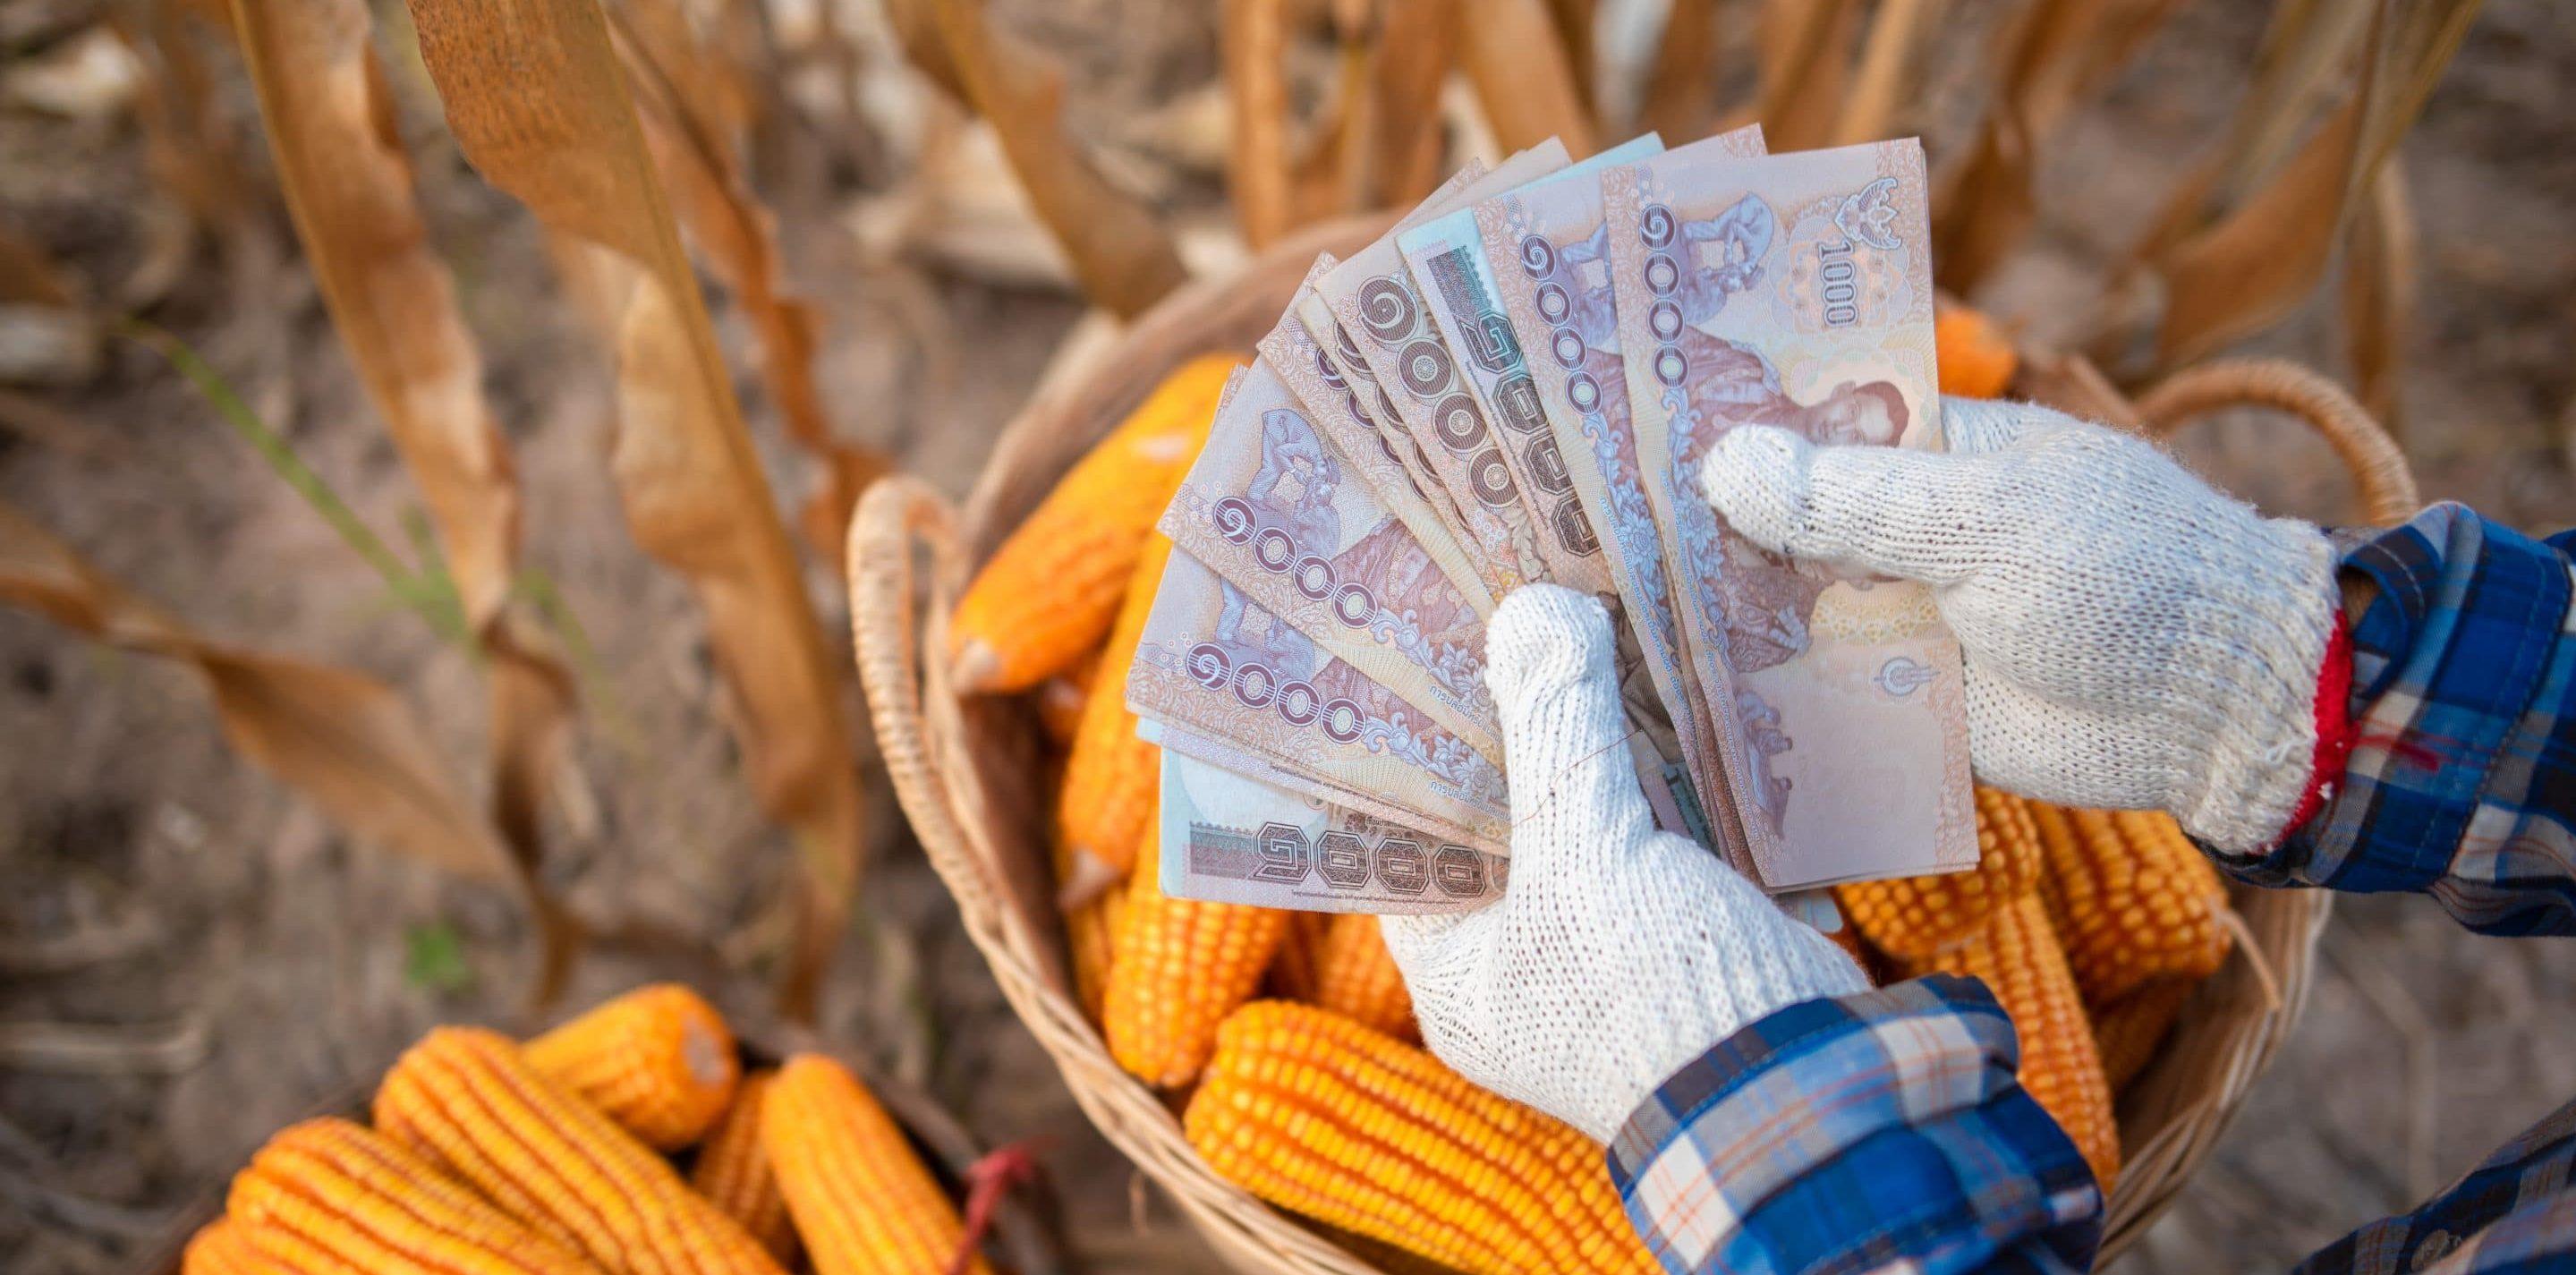 สินเชื่อเพื่อการเกษตร เงินสดทันใจ